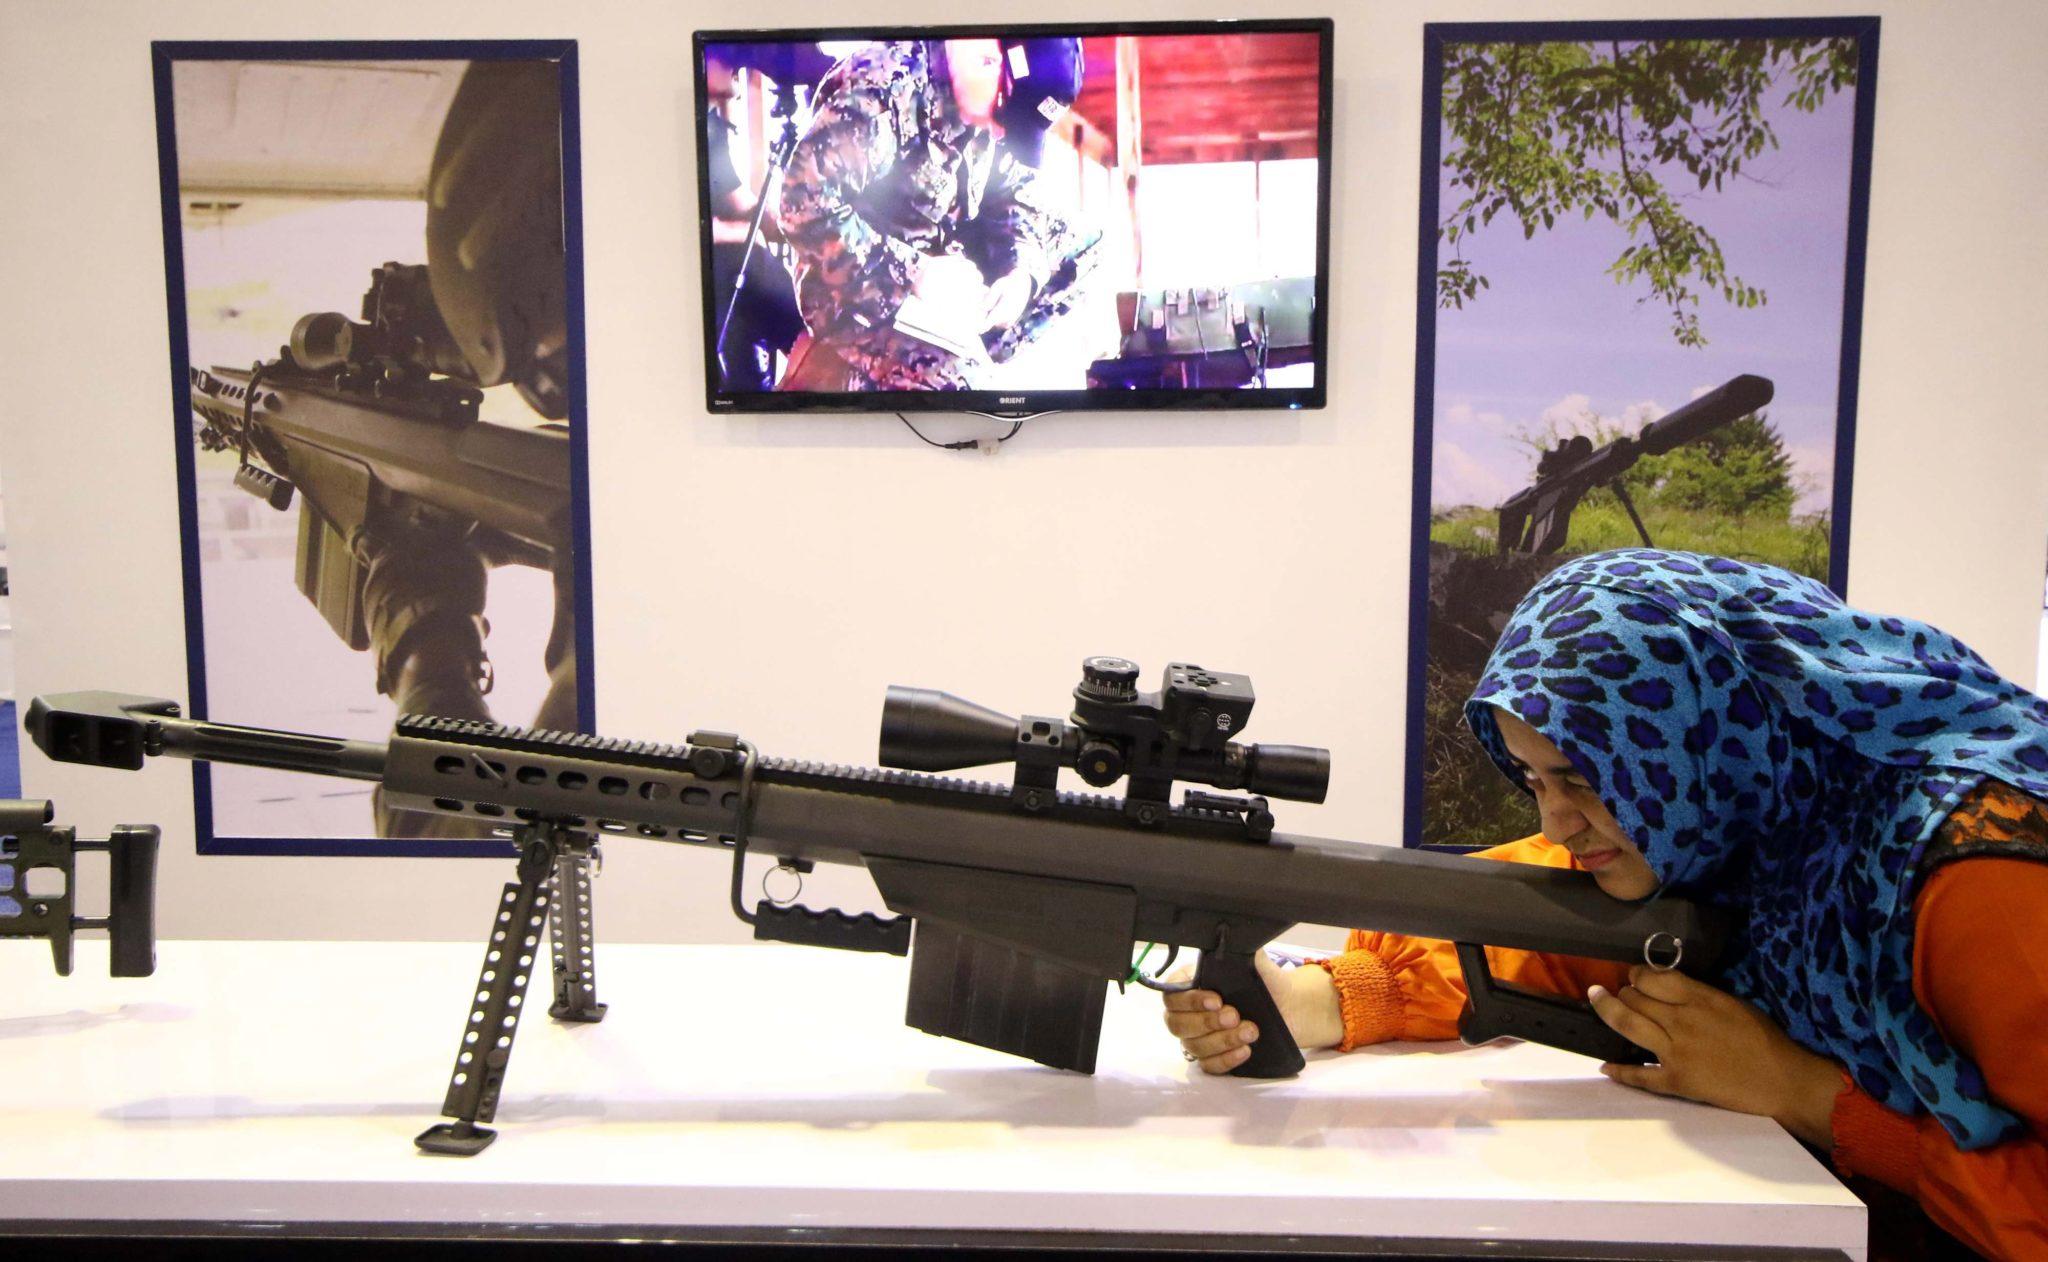 Pakistan: wystawa pakistańskiego sprzętu wojskowego w Karachi (foto. PAP/EPA/SHAHZAIB AKBER)